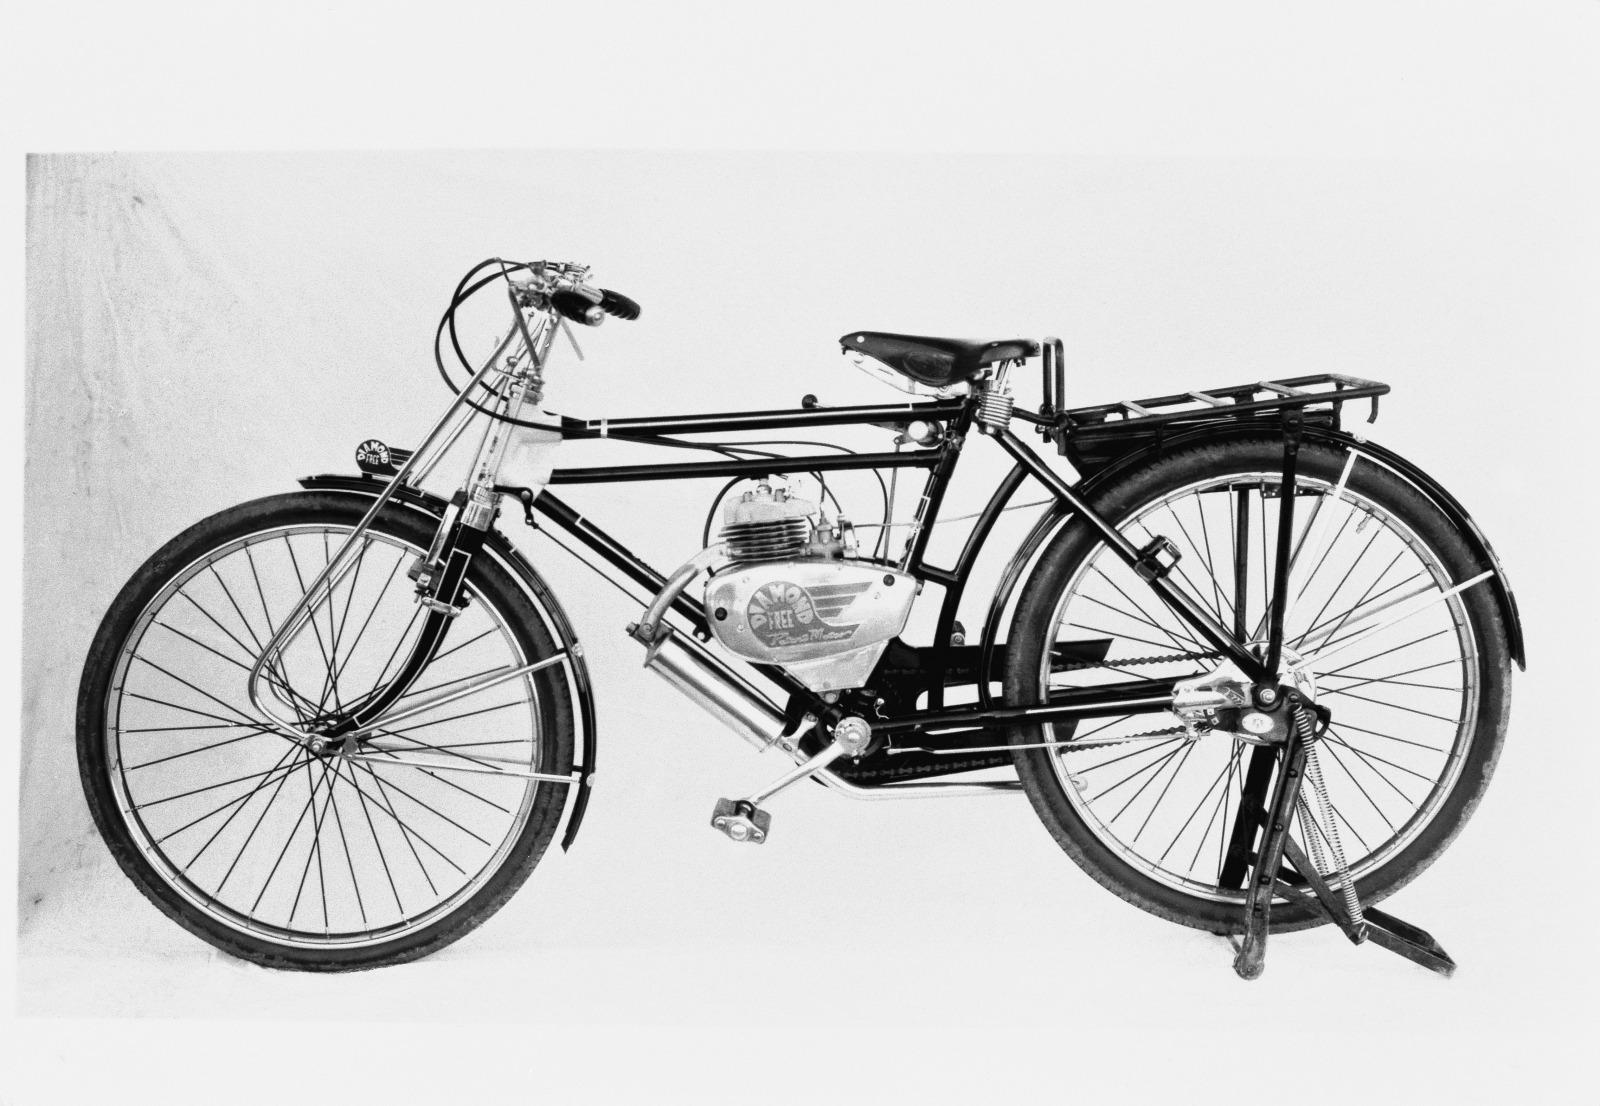 「戦後の危機を救ったのはライバル豊田だった!4輪への思いを秘めながら自転車にエンジン搭載した2輪から再スタート【スズキ100年史・第3回・第1章 その3】」の2枚目の画像